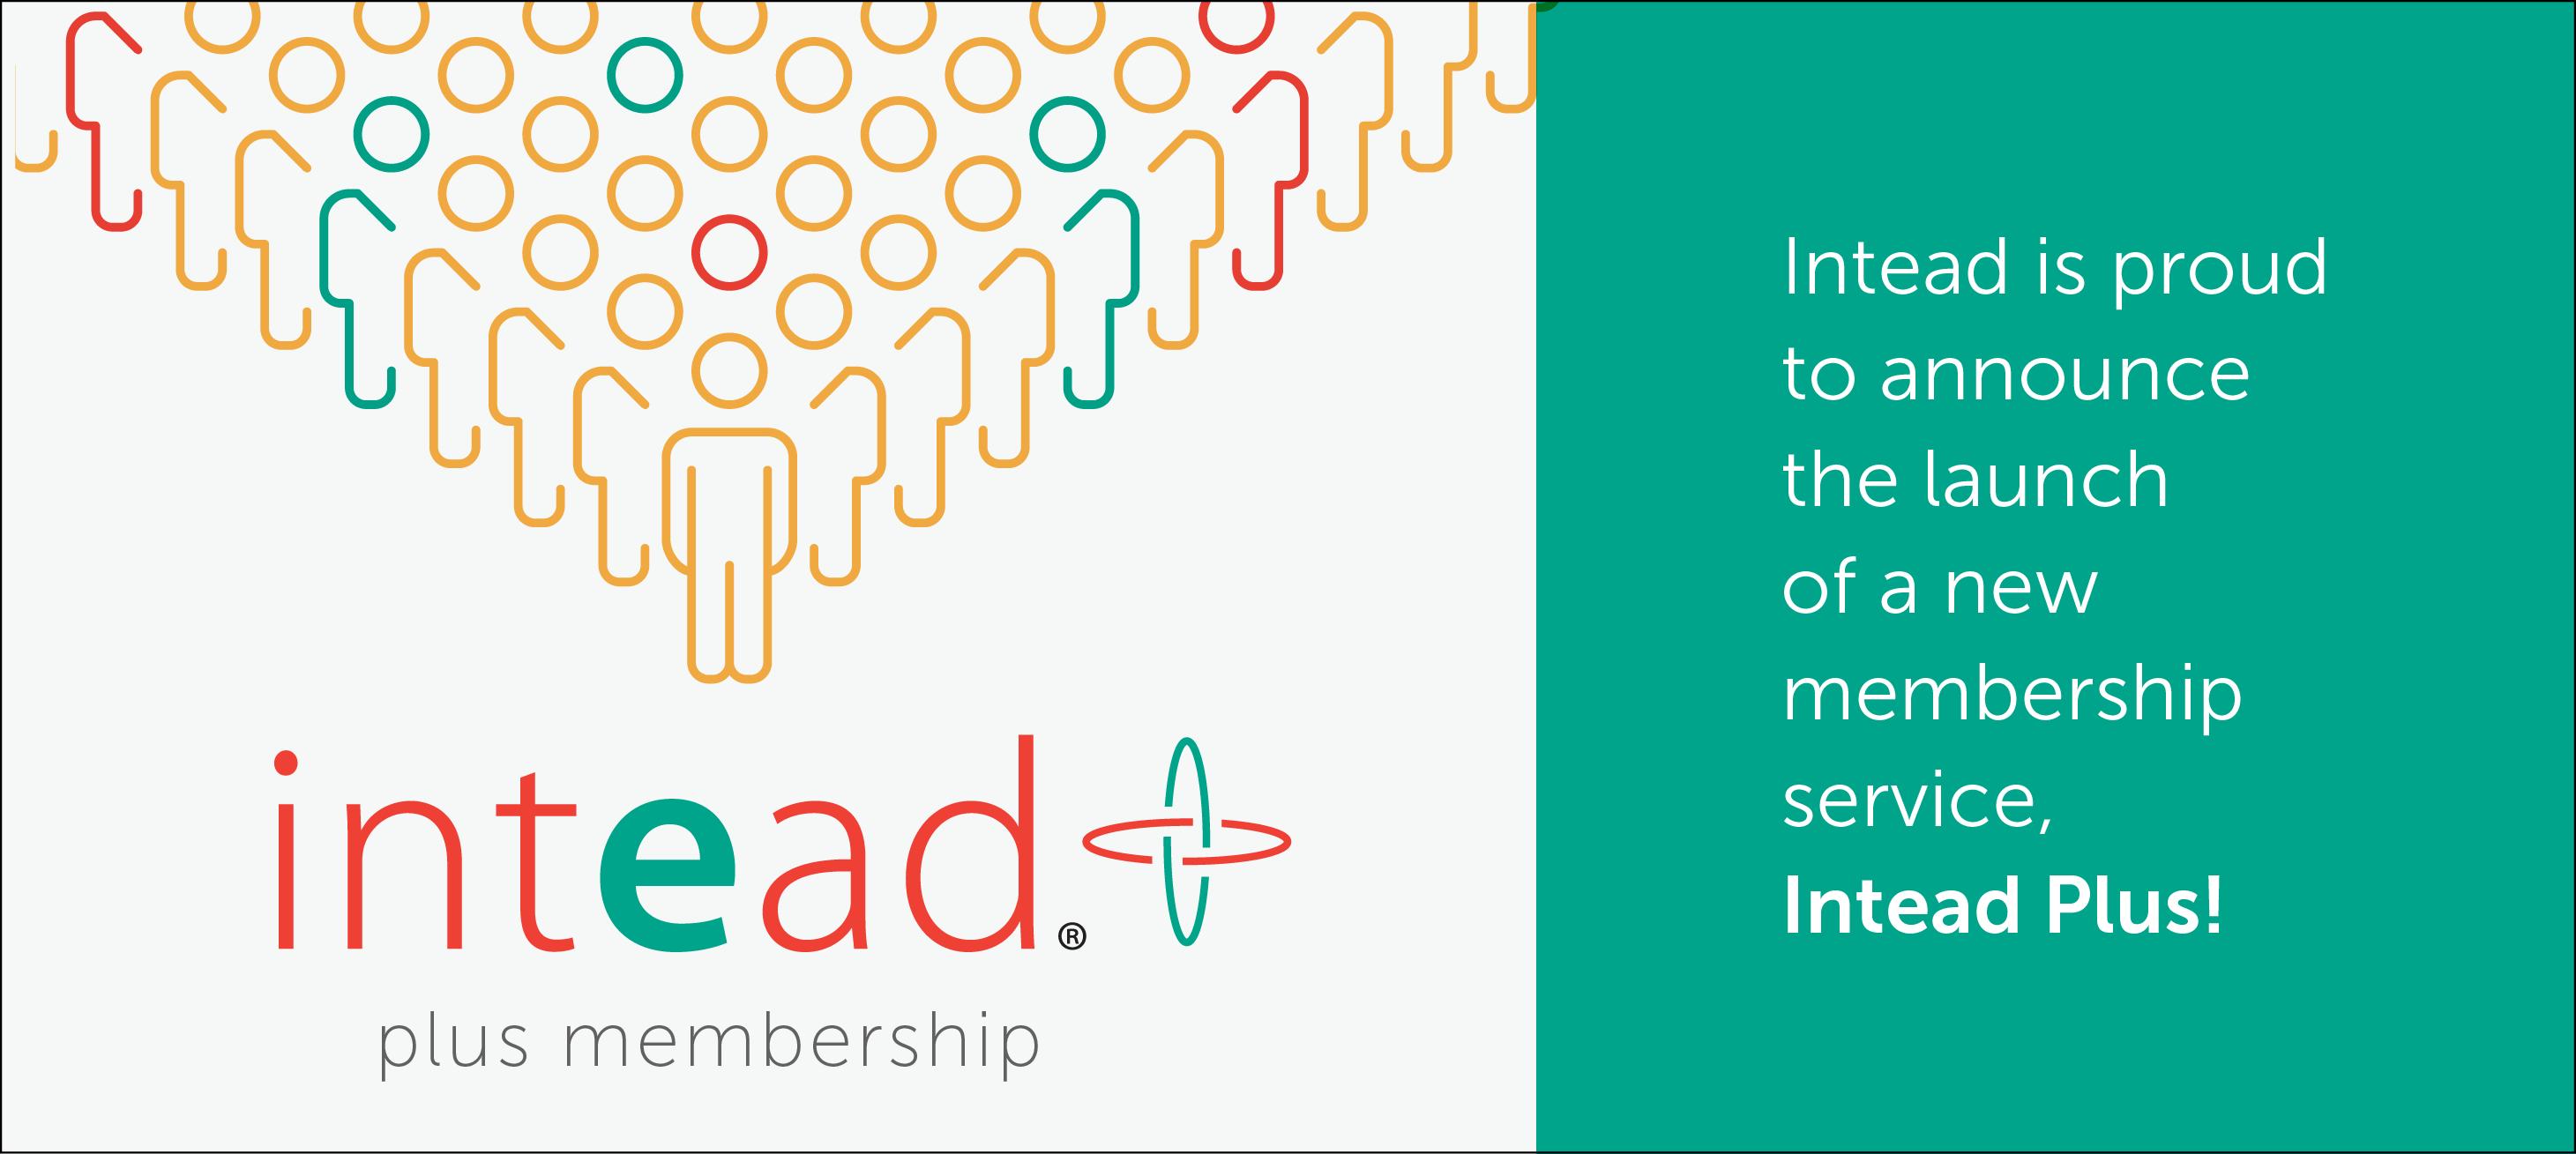 Introducing Intead Plus